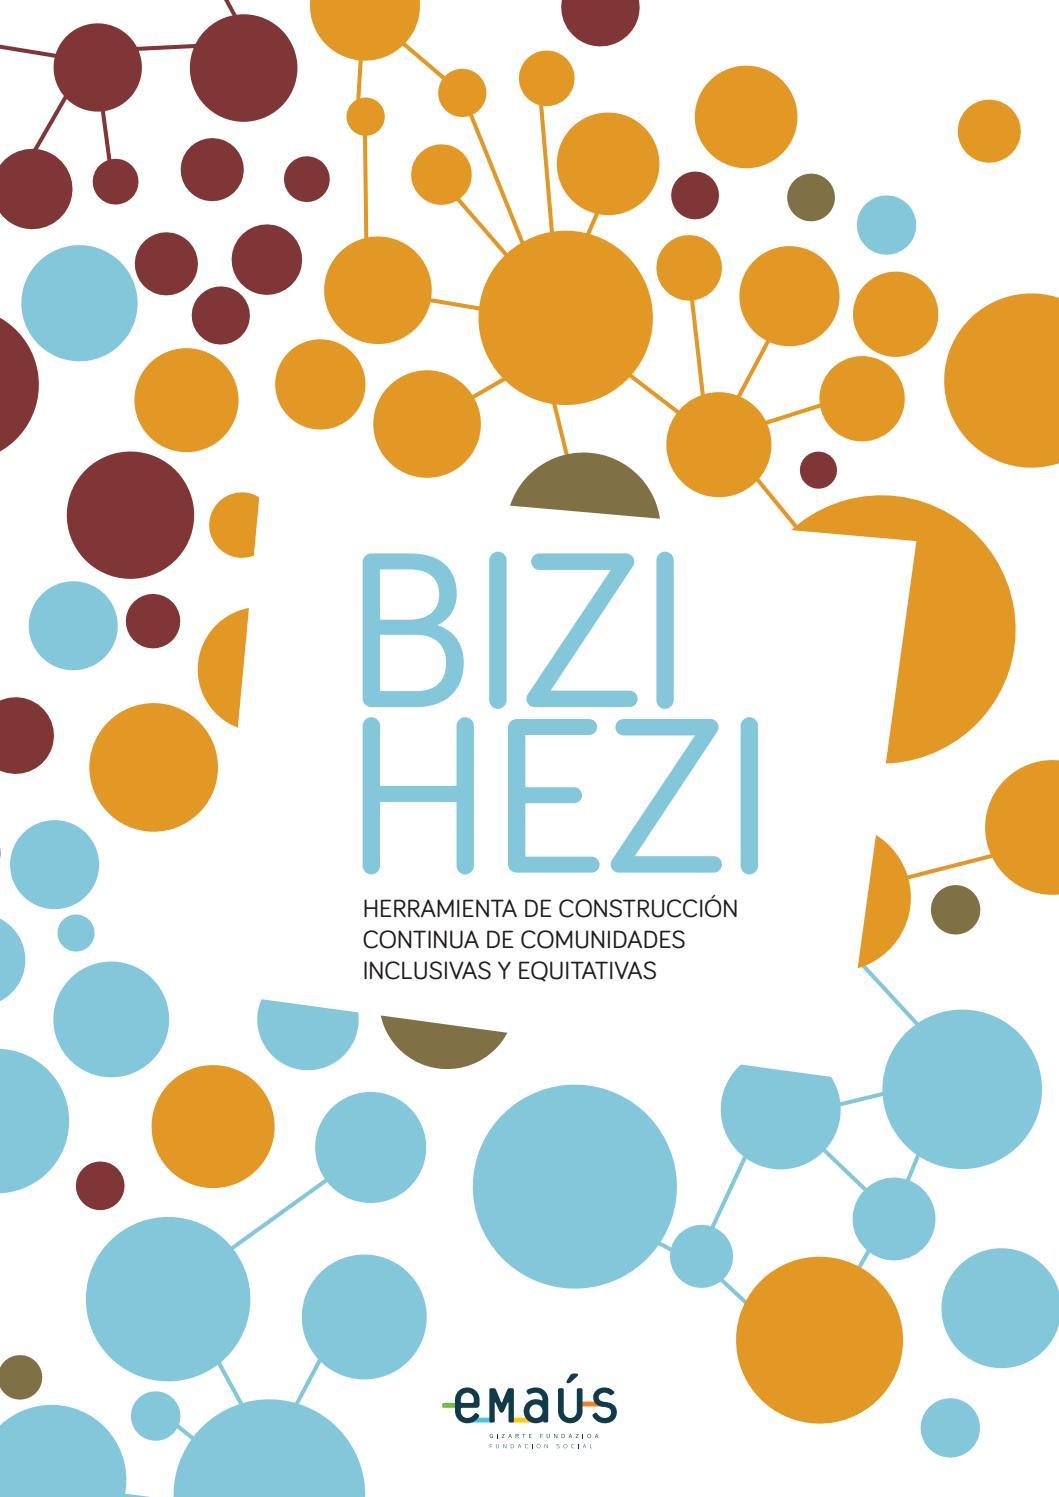 BIZI HEZI: herramienta de construcción continua de comunidades ...